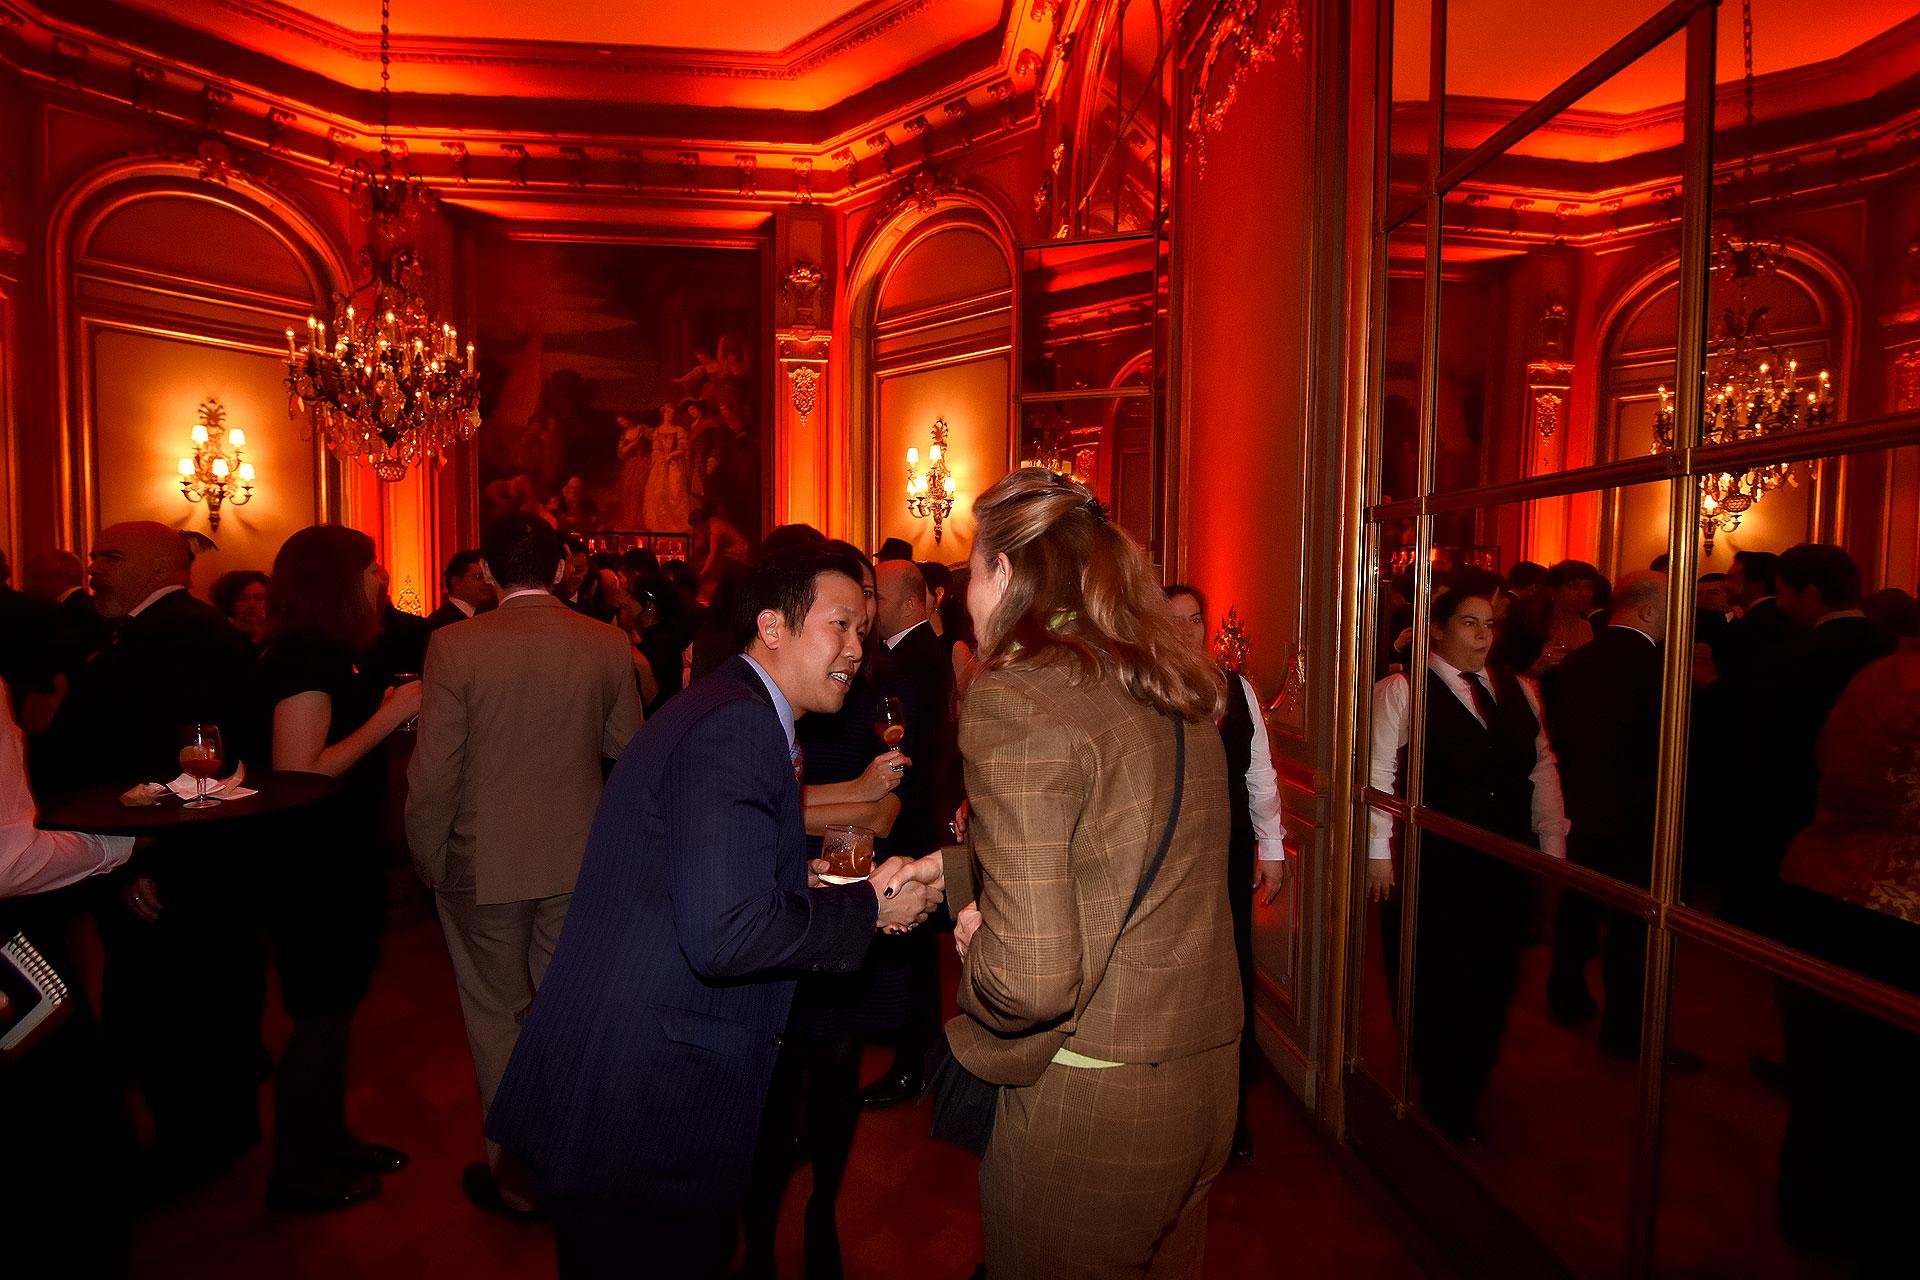 """La ambientación de la recepción en los años 20 estuvo en todos los detalles y hasta incluyó un bar tipo """"speakeasy"""", en uno de los grandes salones del Palacio Bosch"""